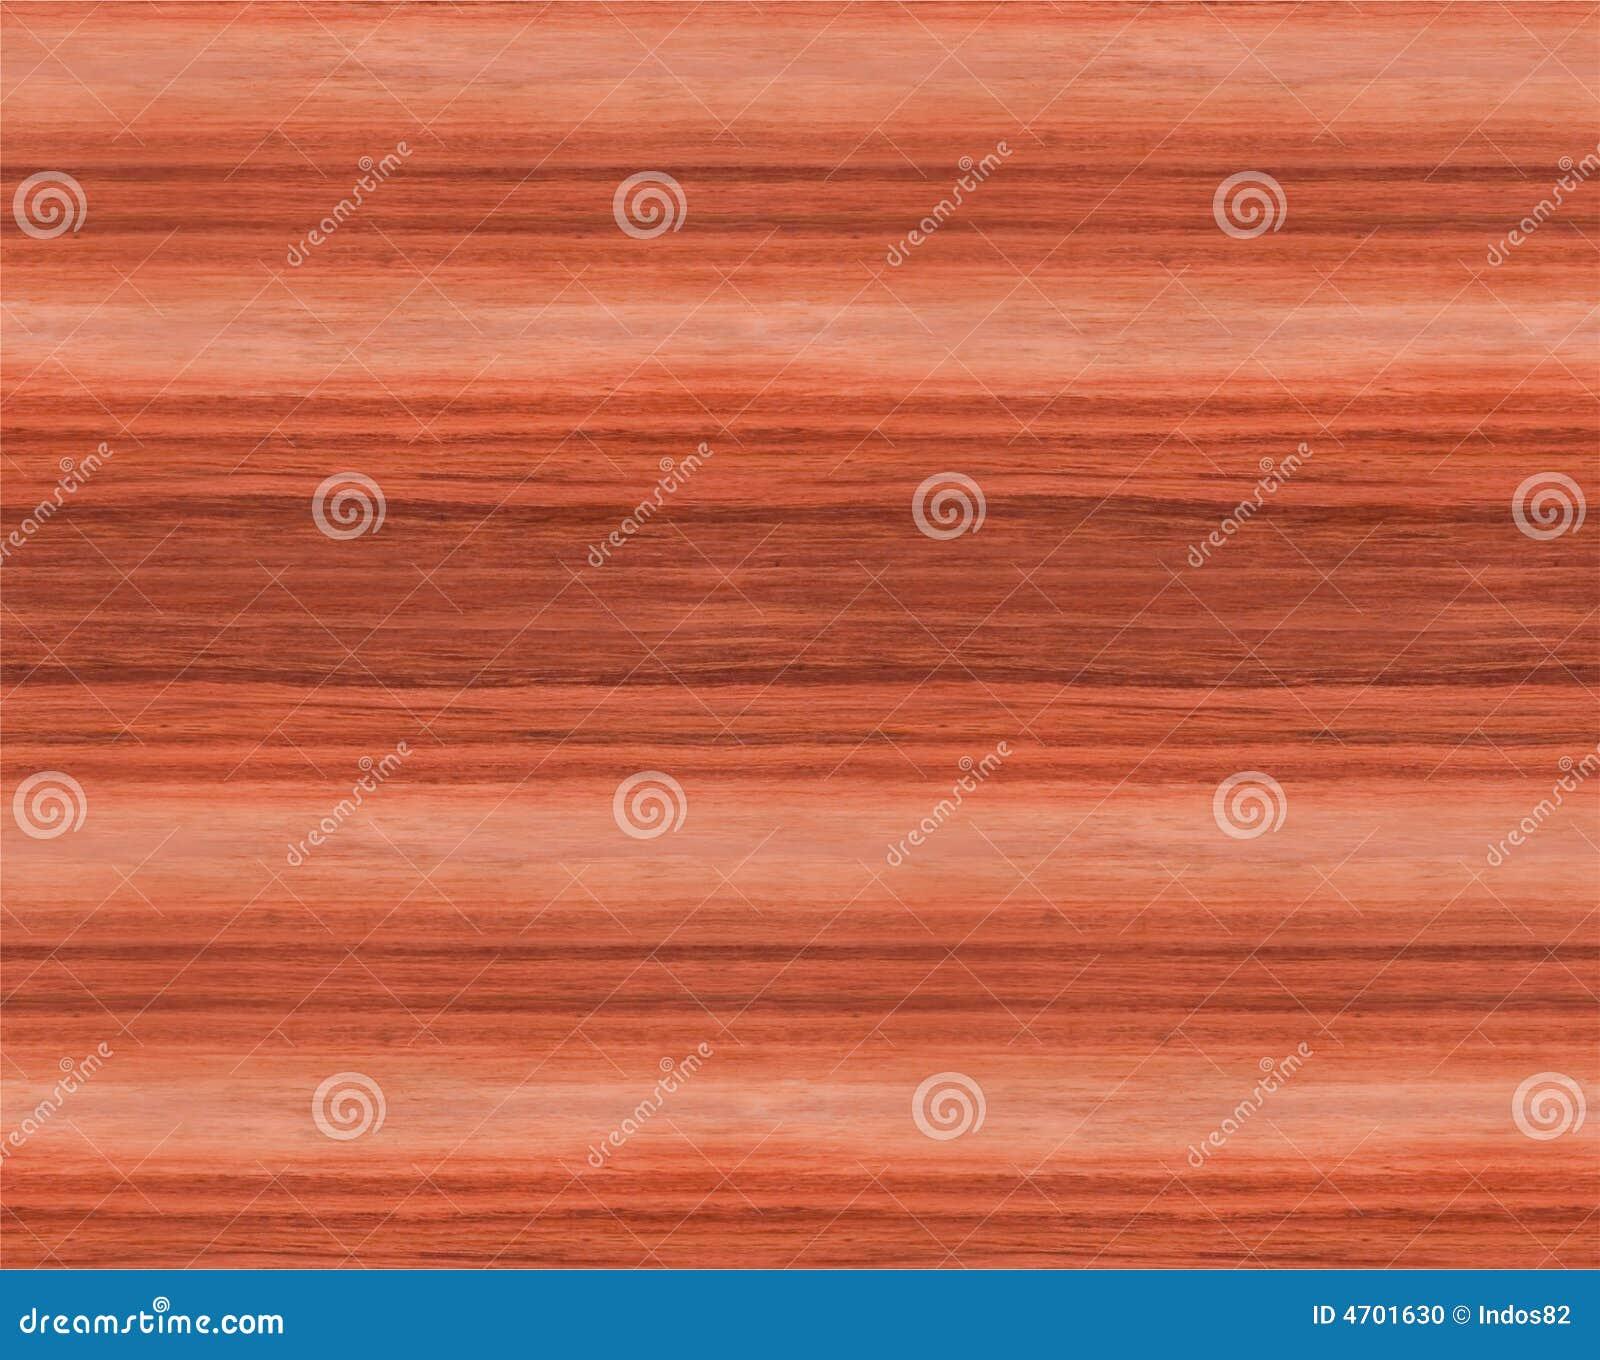 Couleur Bois De Rose : Rosewood Wood Texture